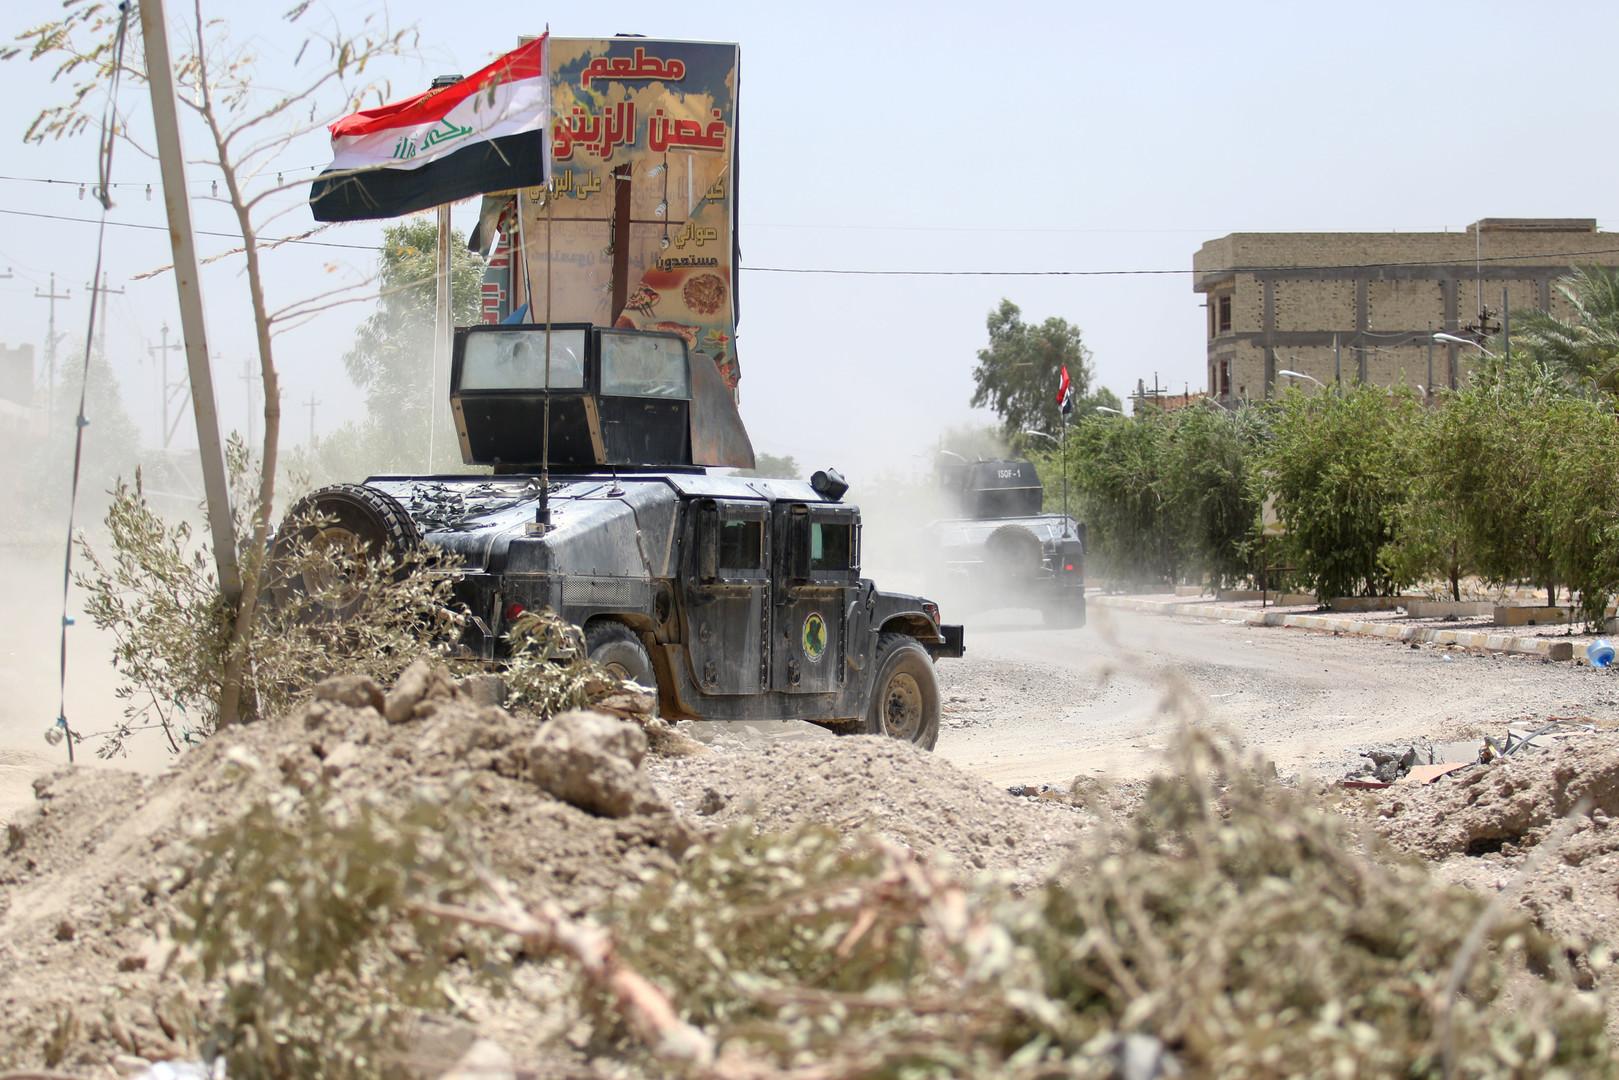 Иракское командование заявило о полном освобождении Эль-Фаллуджи от террористов ИГ